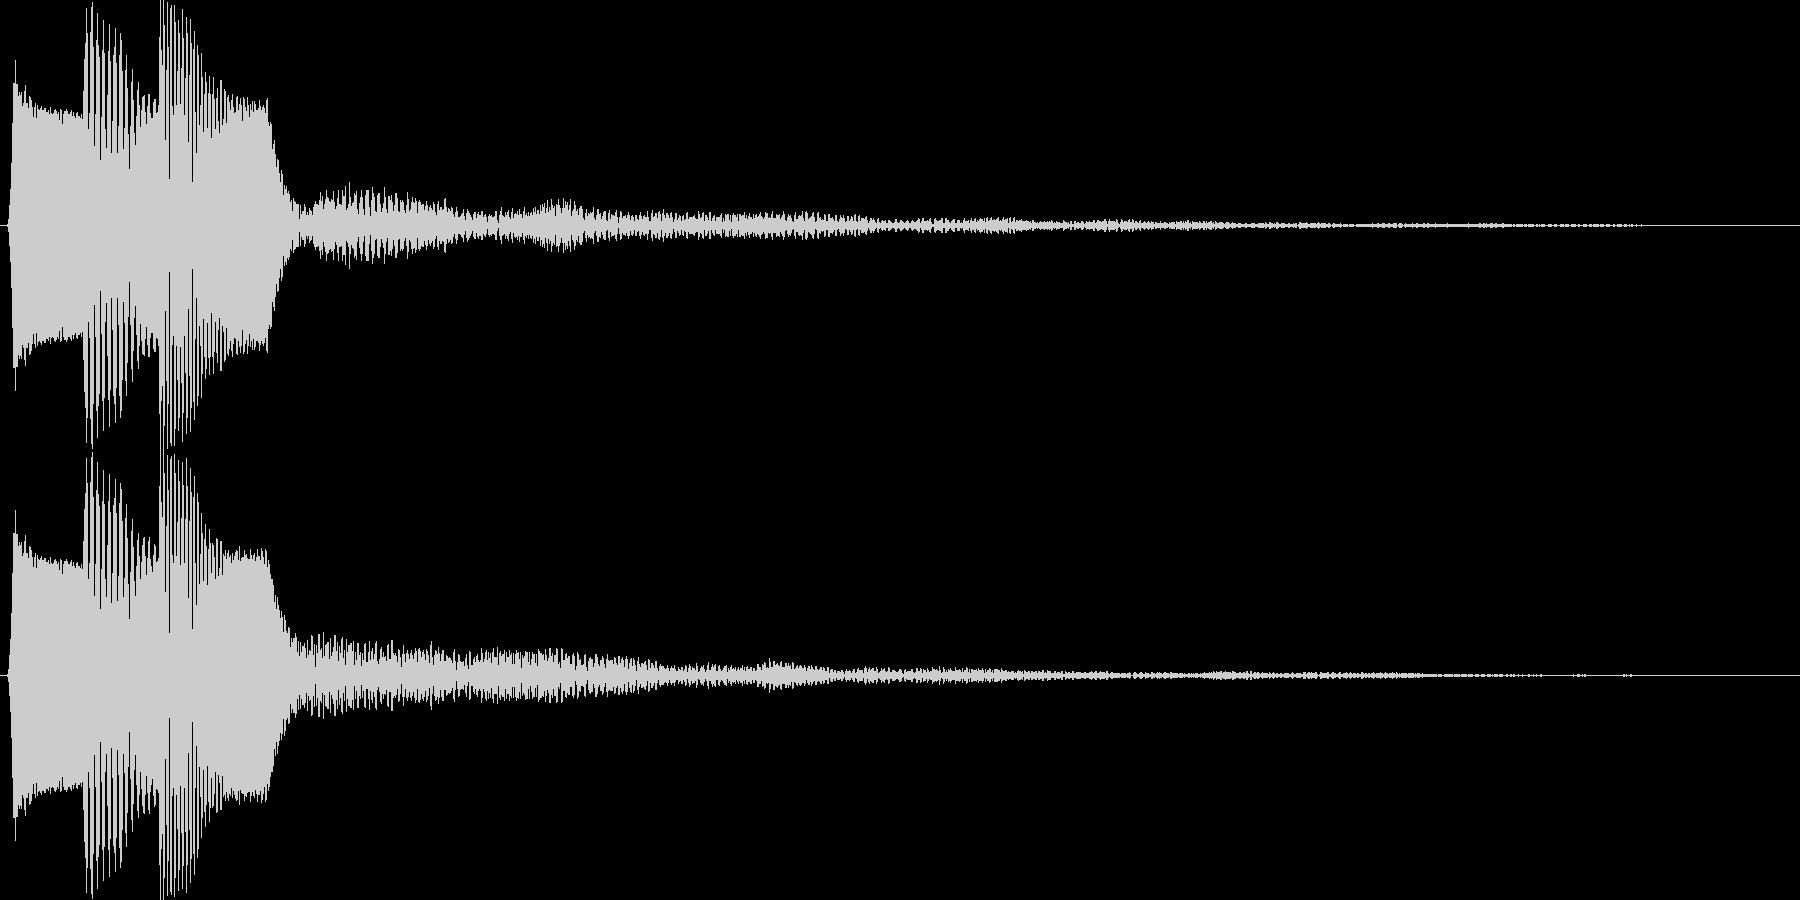 ピコ(ゲーム、アプリなどの操作音01)の未再生の波形